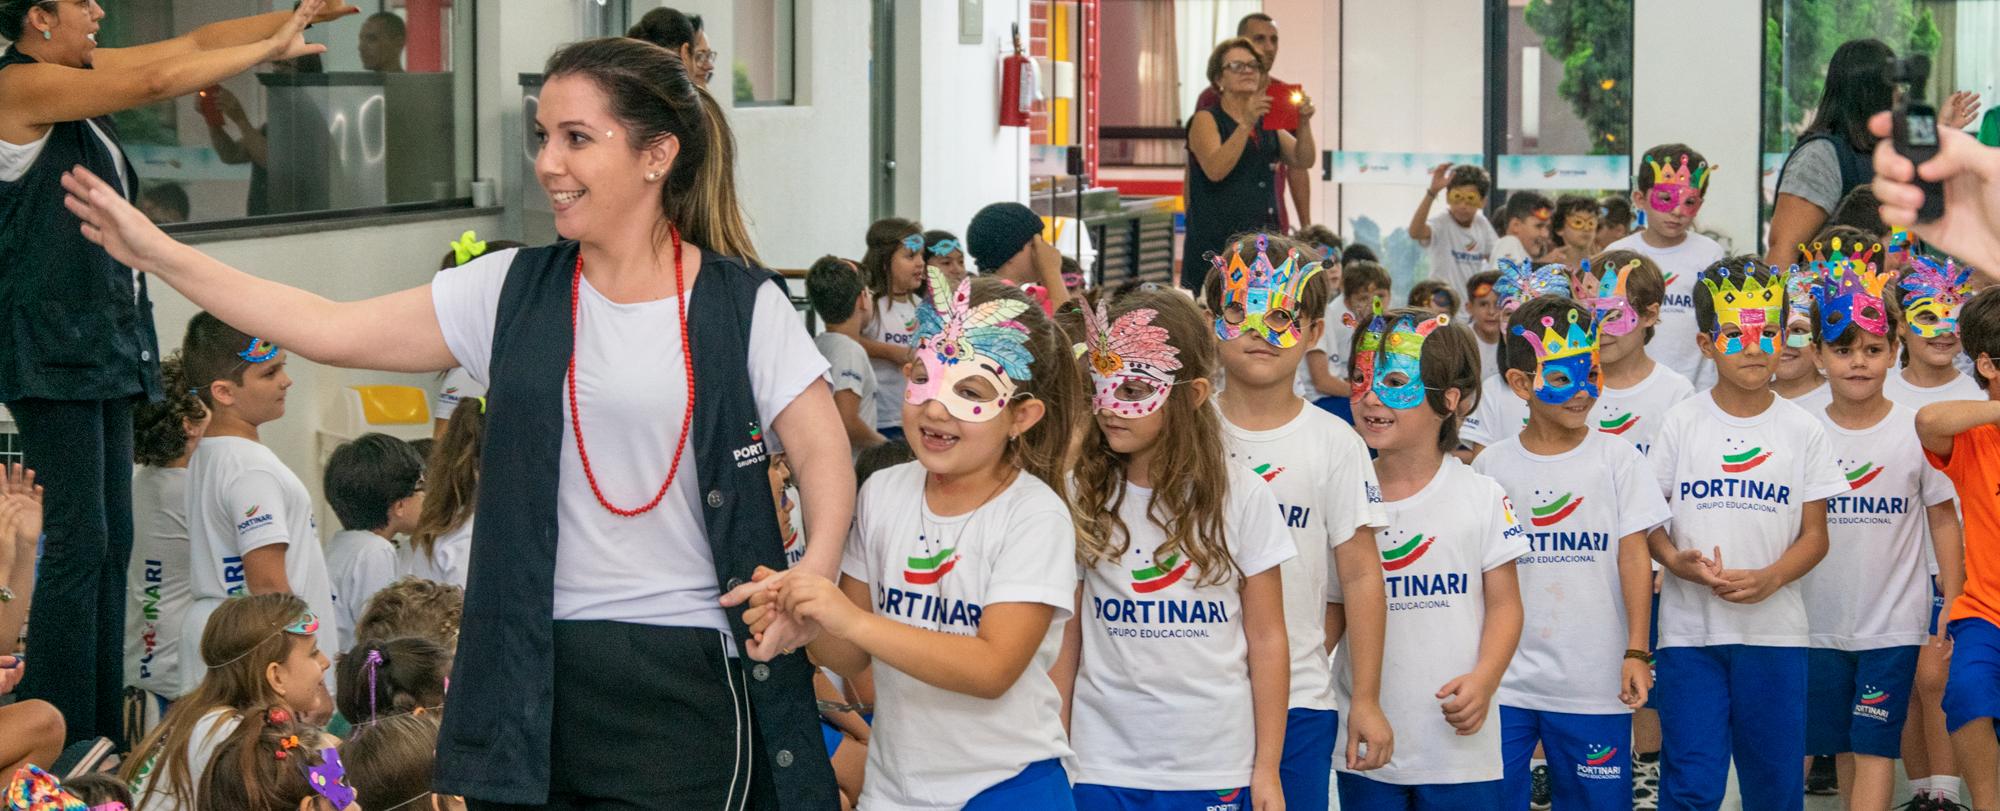 Desfile de Máscaras agita o Ensino Fundamental I